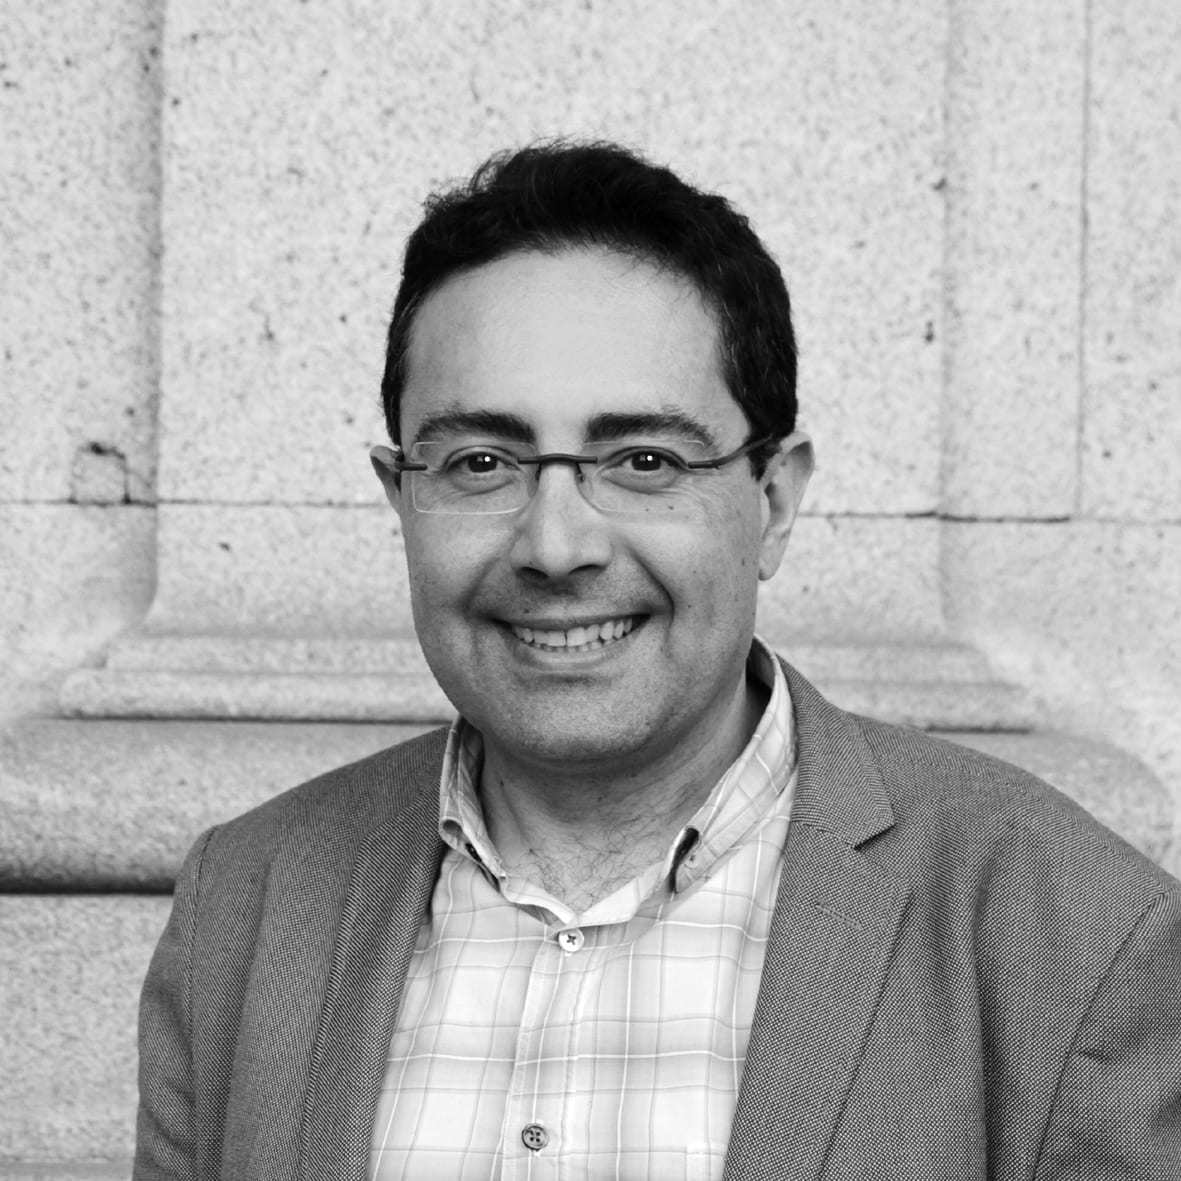 JOSÉ MANUEL CANTERA FONSECA